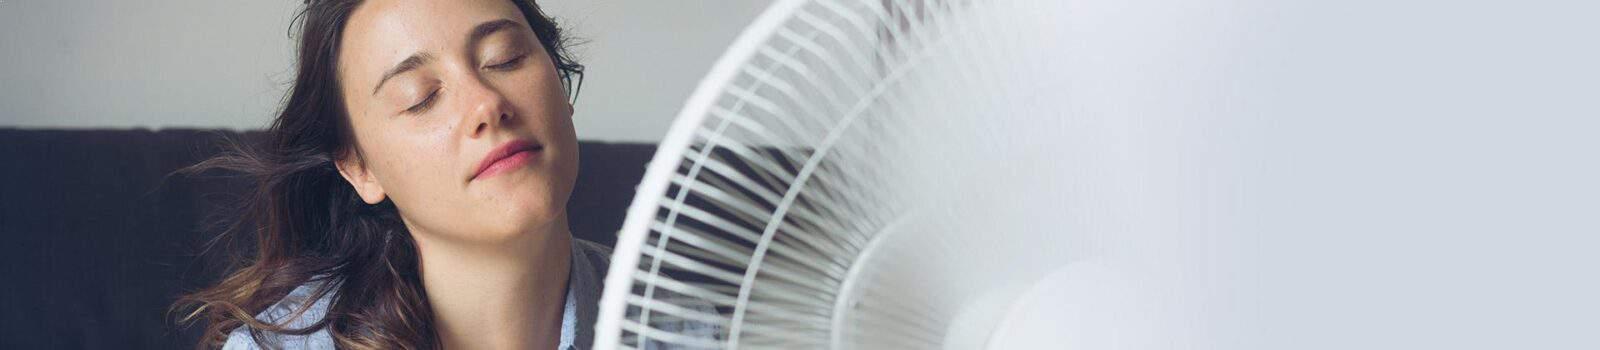 airco installeren verkoeling